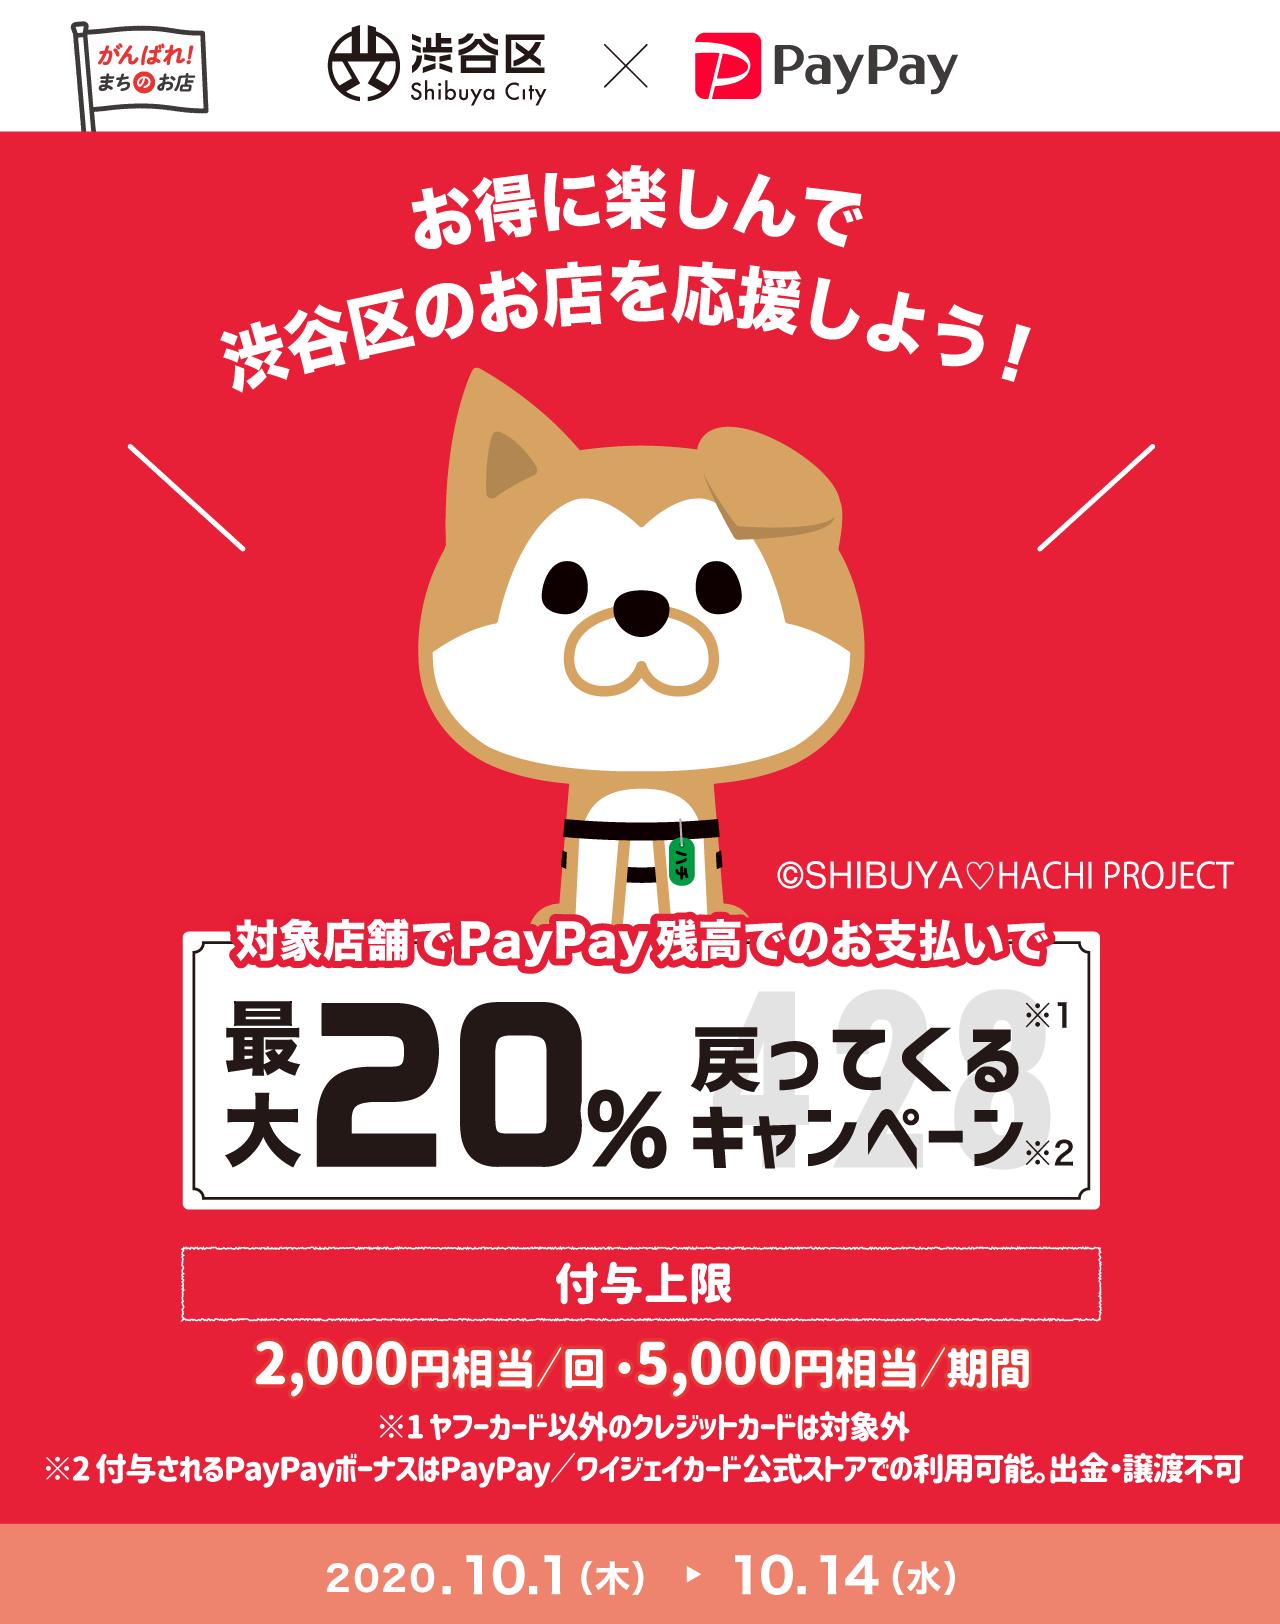 【青山店限定!】PayPay払いで最大20%戻ってくる!渋谷区応援開催中!